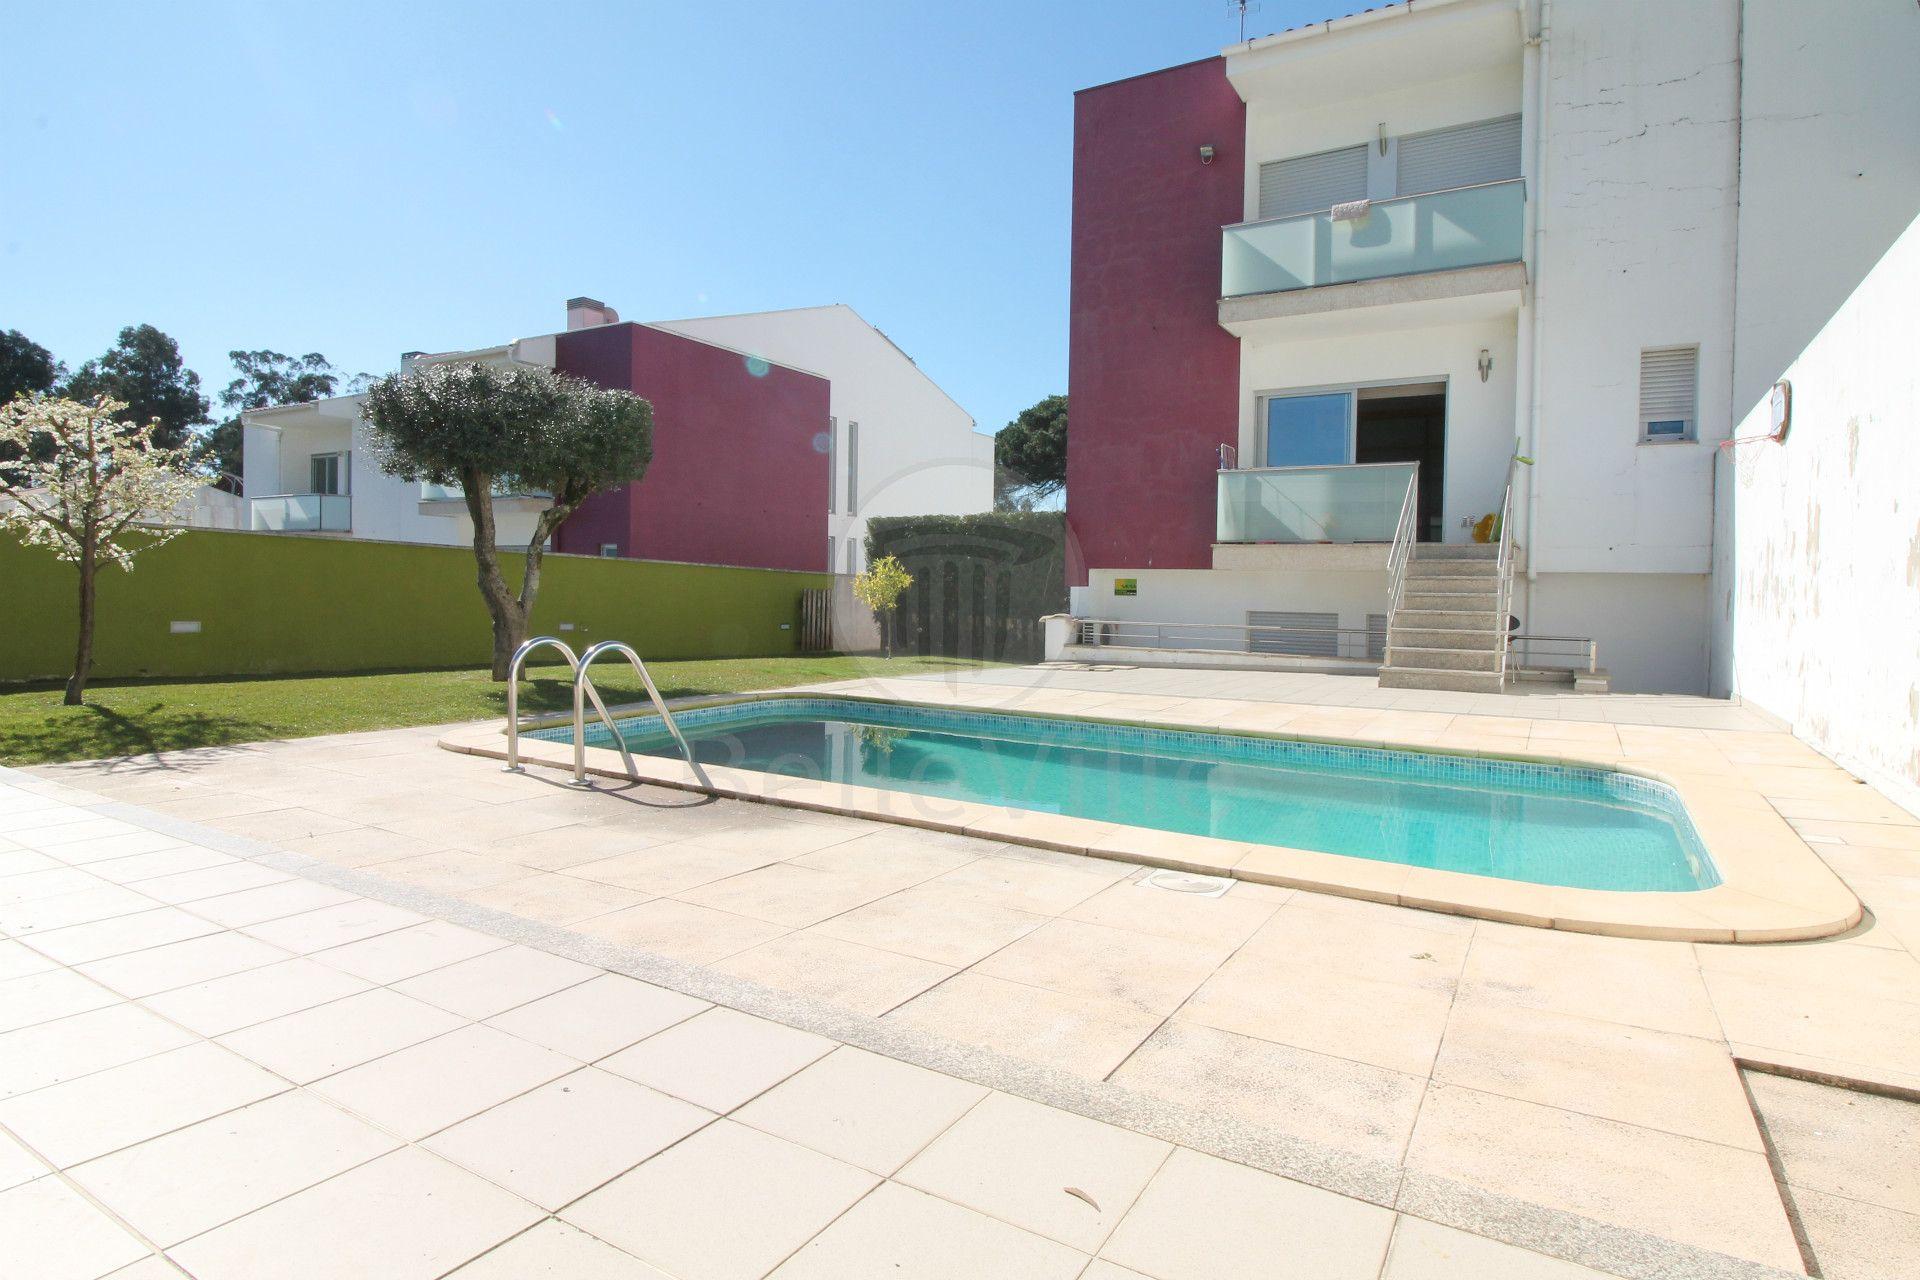 📢NOVIDADE Fantástica moradia de gaveto com piscina e uma excelente exposição solar. Localizada em zona calma, com excelentes acessos e muitas mais caracteristicas que o deixarão competamente rendido <3 🏠Venha conhece-la: http://bit.ly/2mV7rM8 #venda #moradia #gaveto #T3 #piscina #fantástica #soalheira #localização #sonho #confiança #segurança #imobiliária BelleVille Imobiliária | www.belleville.pt |